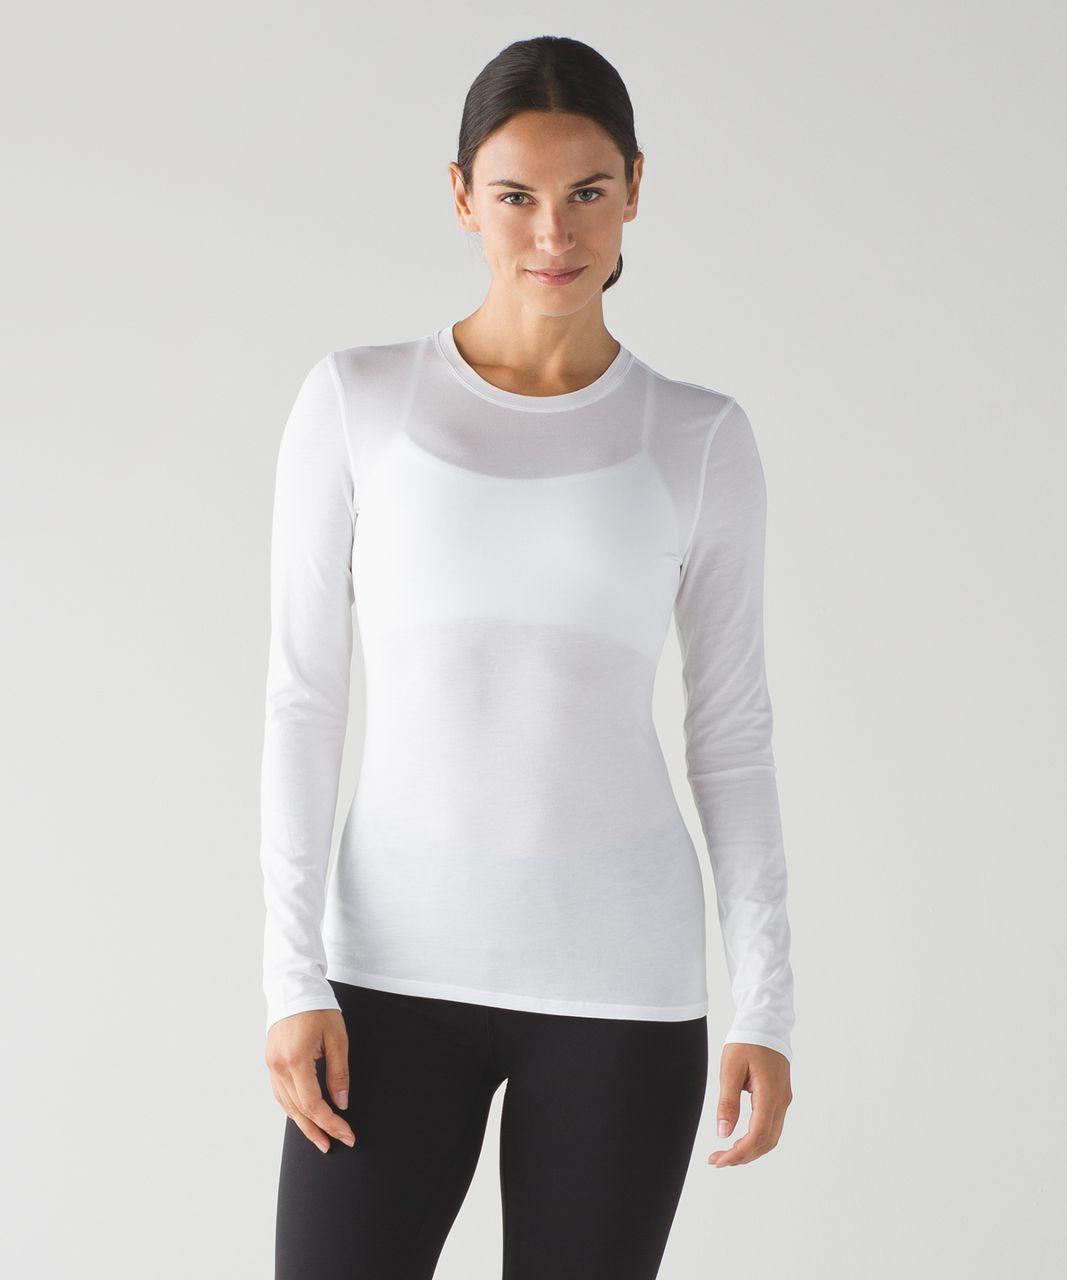 Lululemon Kitsilano Long Sleeve - White